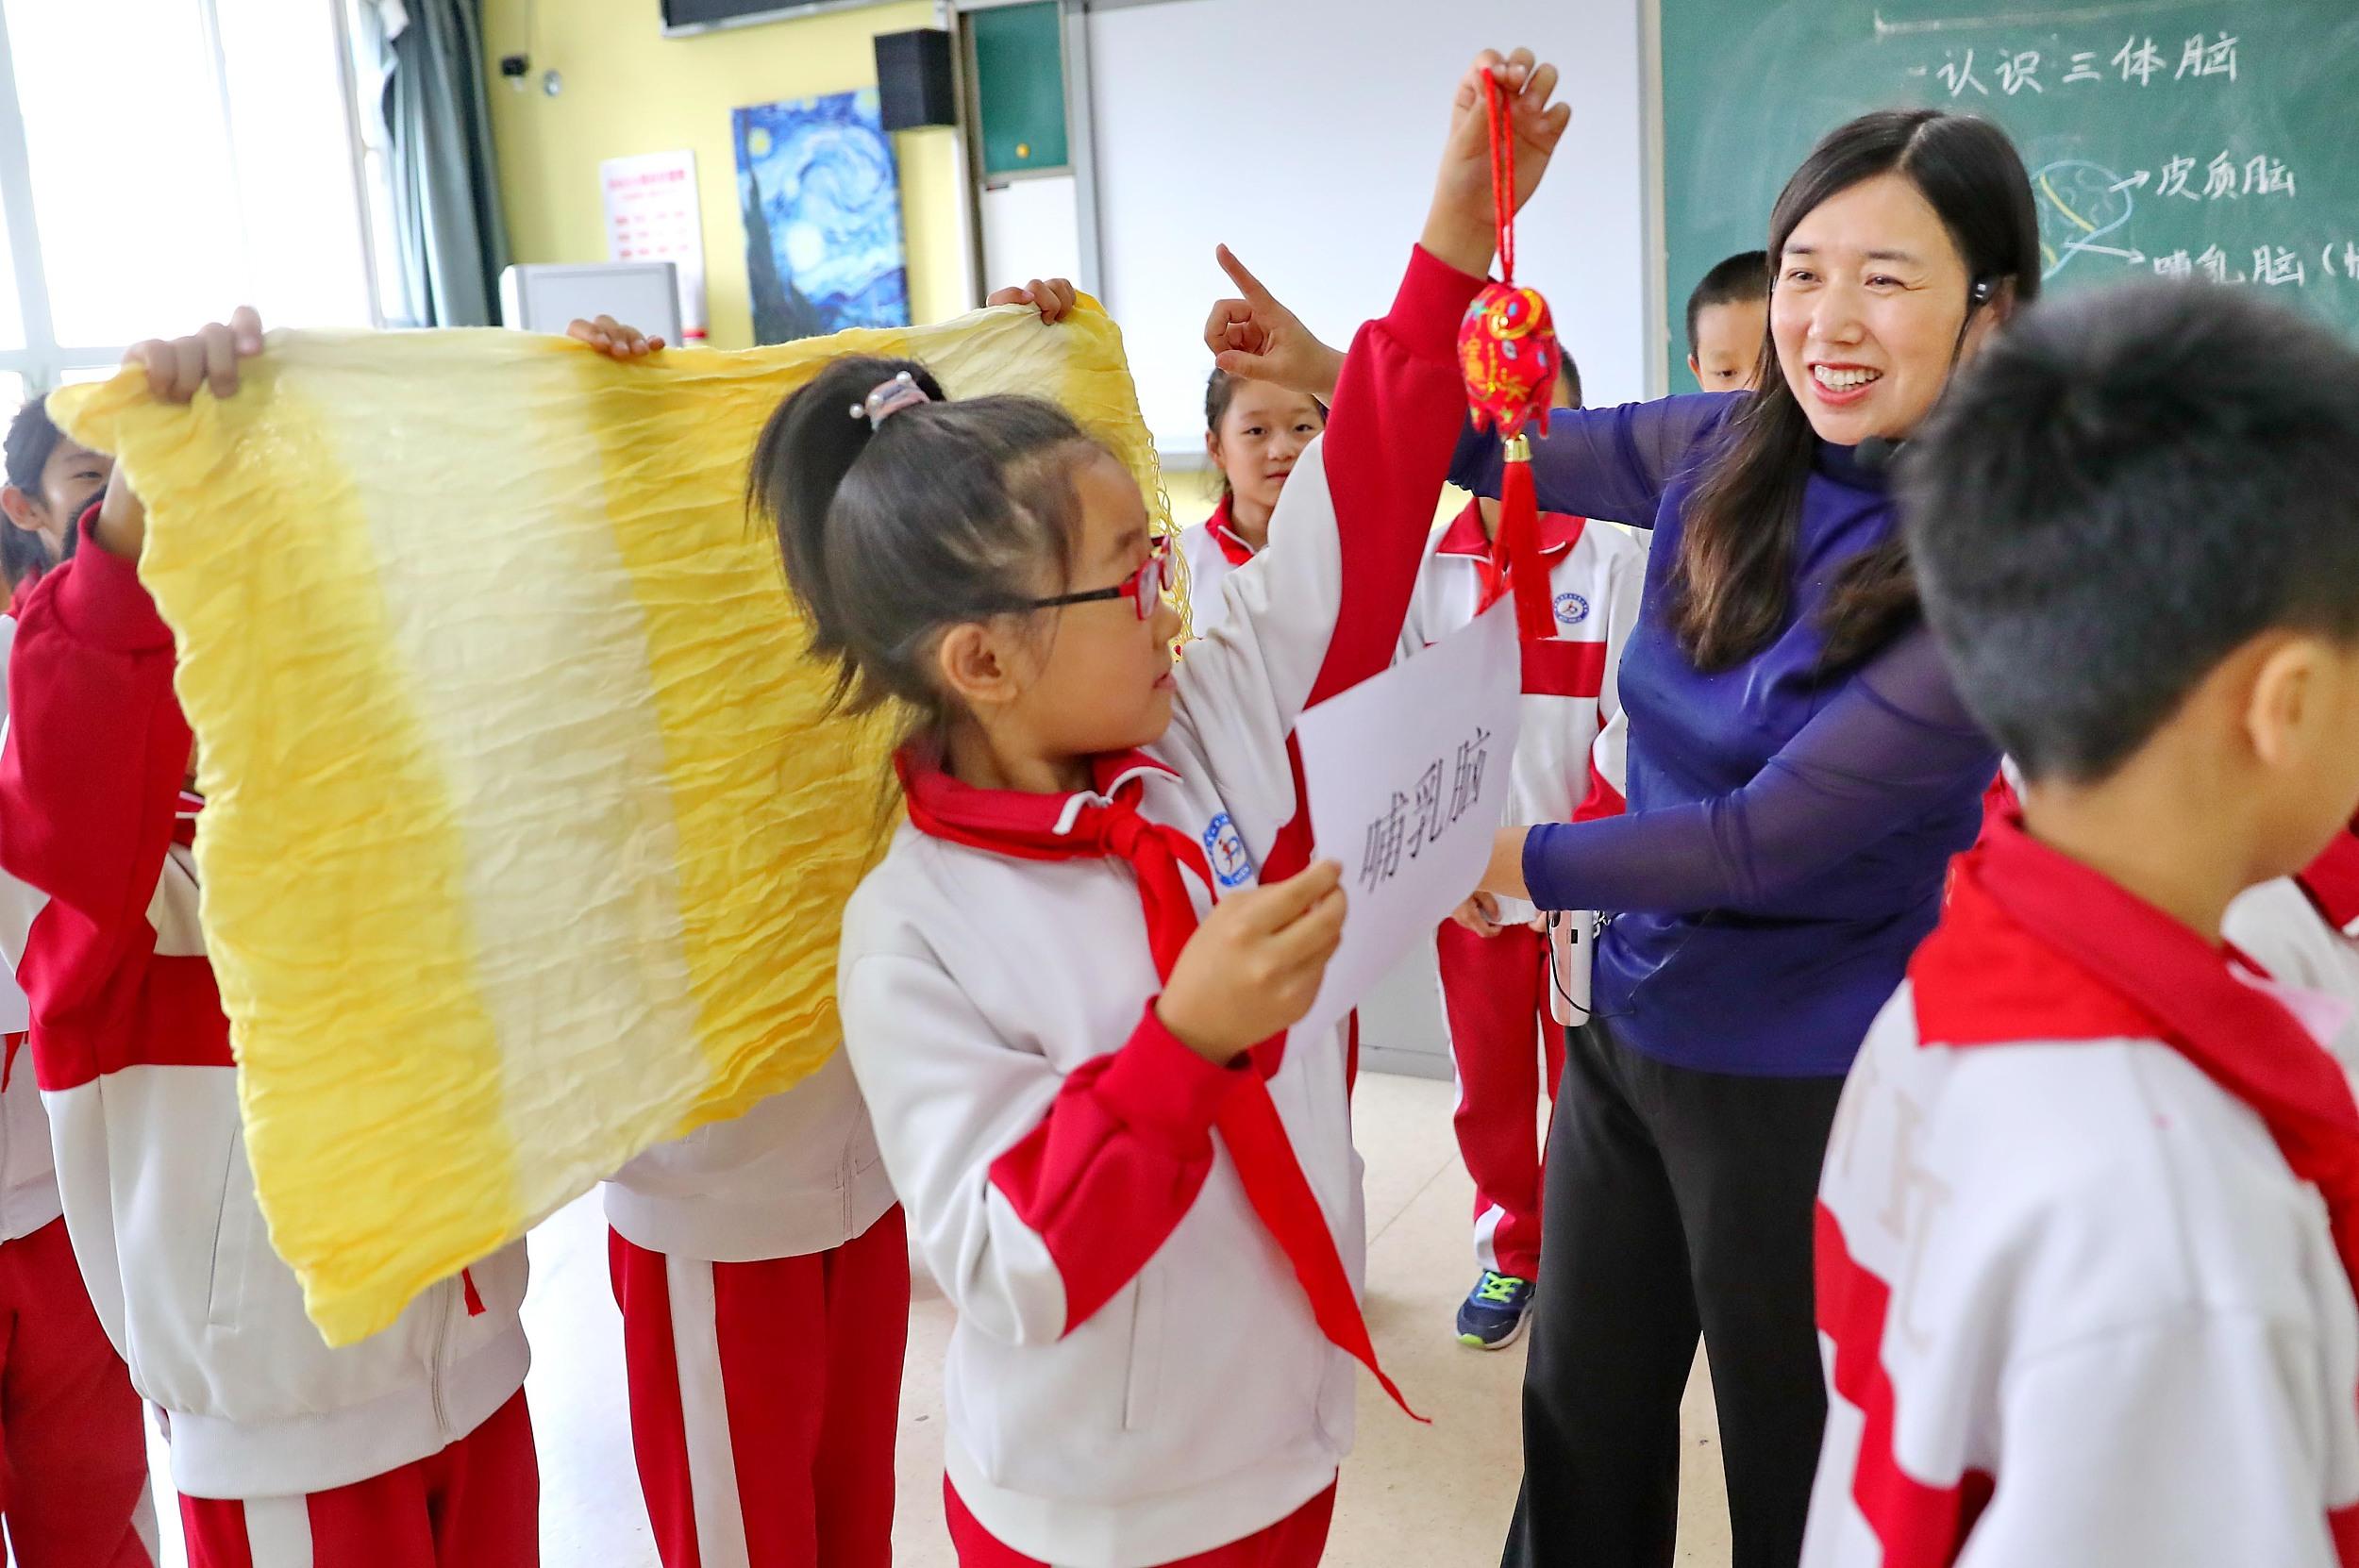 河北秦皇岛:趣味游戏让学生减轻心理压力